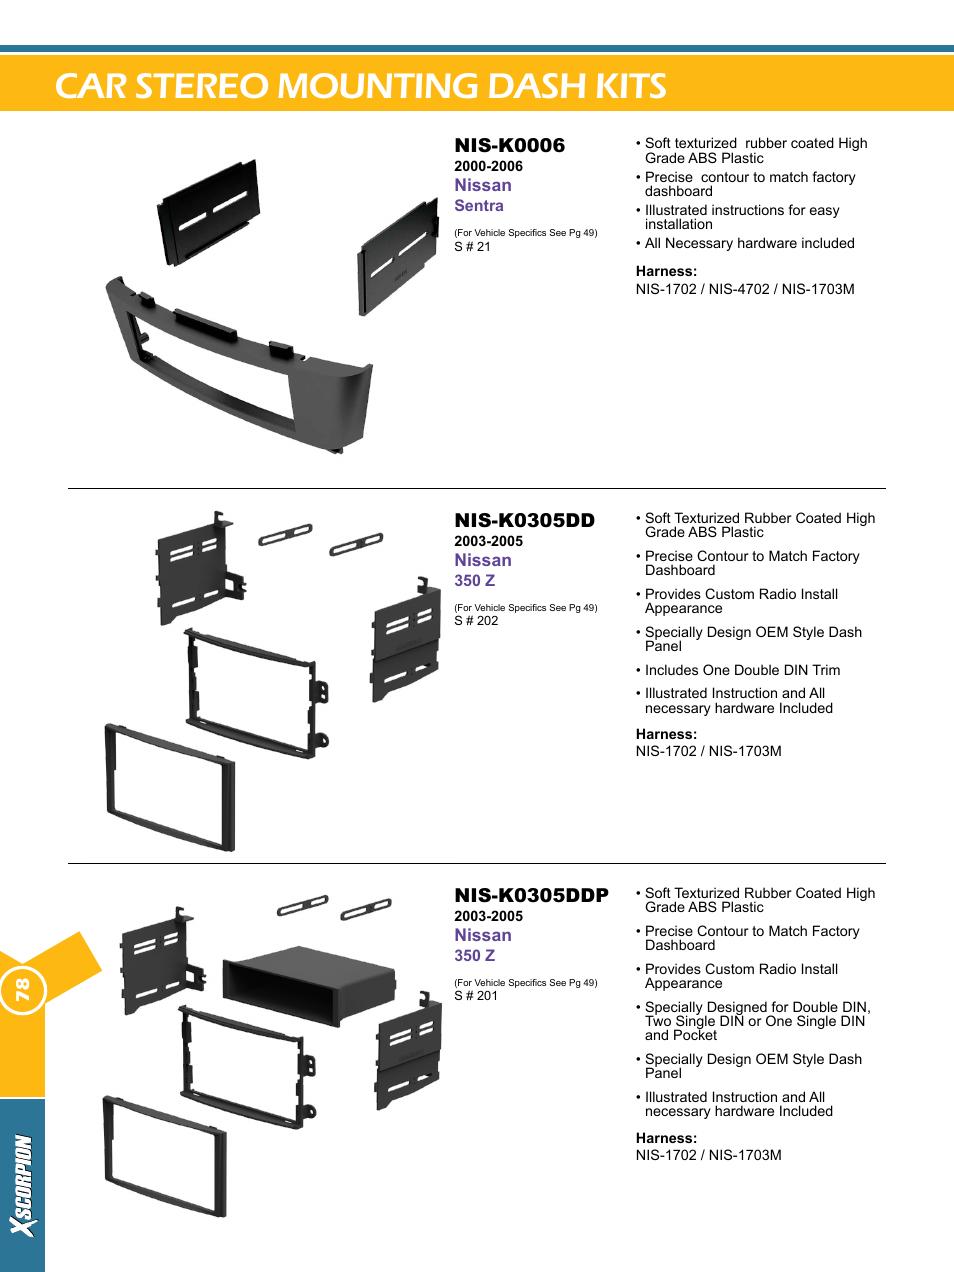 Xscorpion car stereo mounting dash kit 7